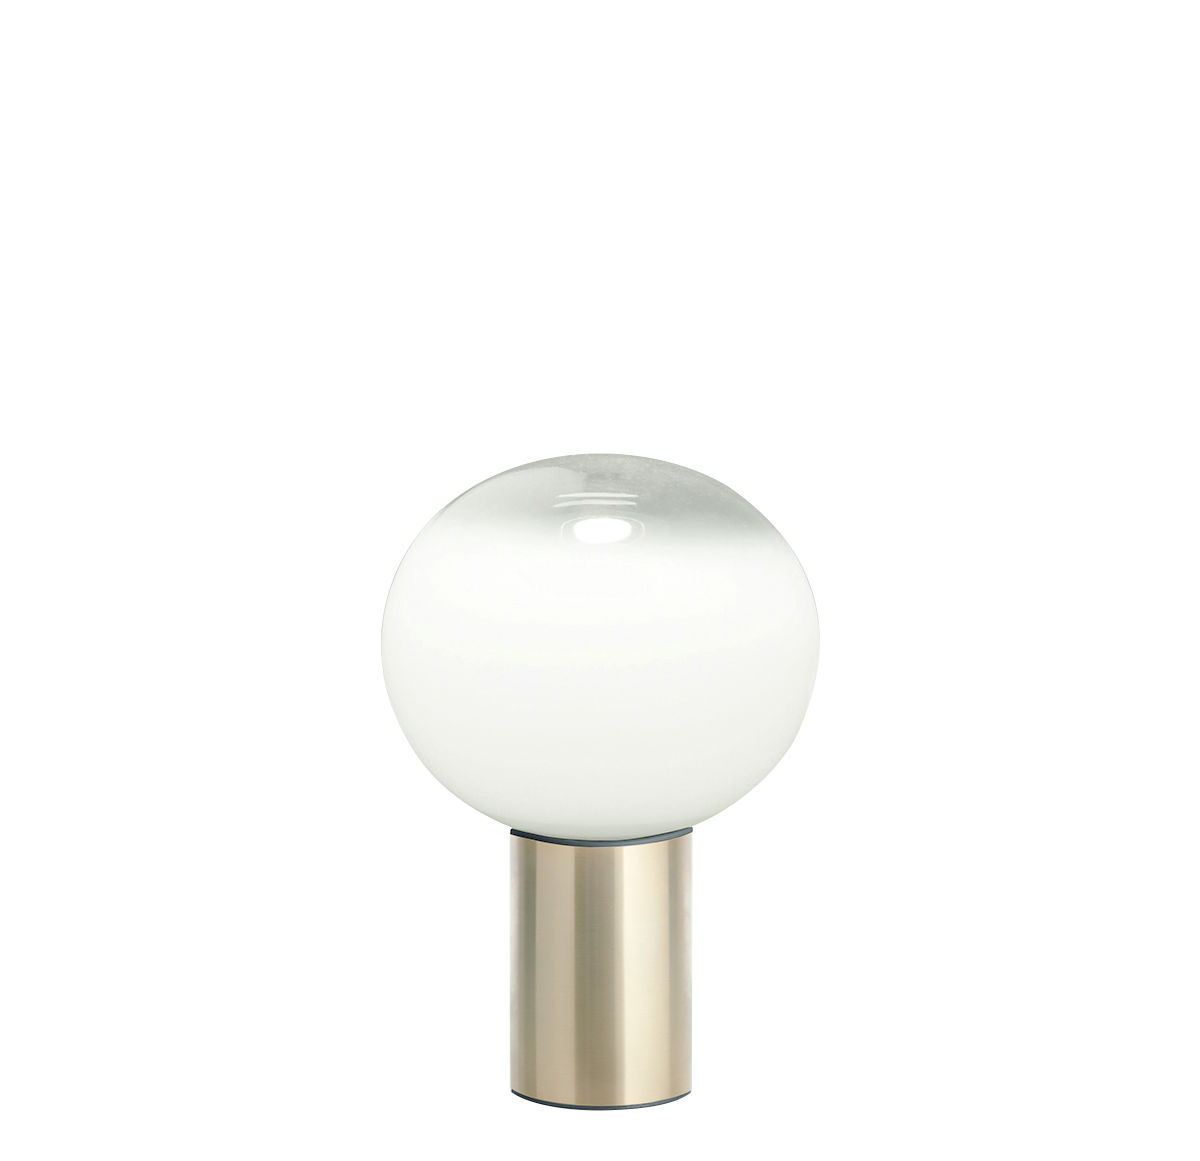 Leuchten - Tischleuchten - Laguna Tischleuchte / Ø 16 cm x H 24 cm - Artemide - H 24 cm / Messing - Aluminium, geblasenes Glas